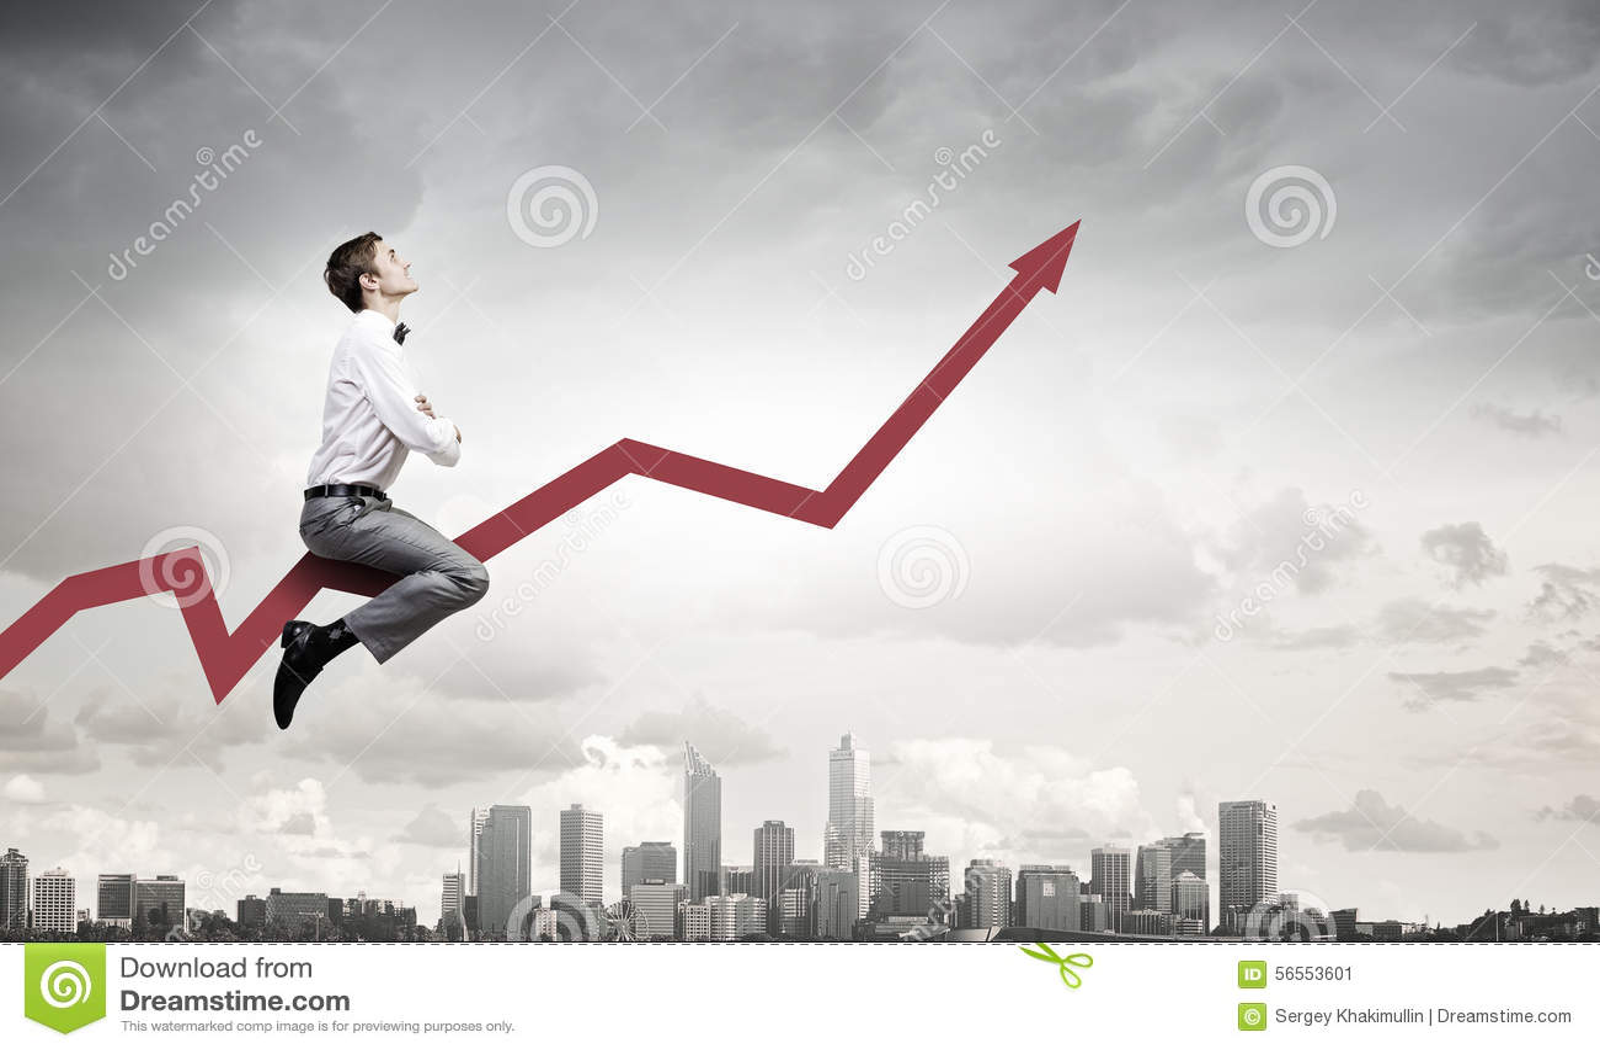 Download Γραφική παράσταση γύρου επιχειρηματιών Στοκ Εικόνα - εικόνα από οικονομικός, ανάπτυξη: 56553601